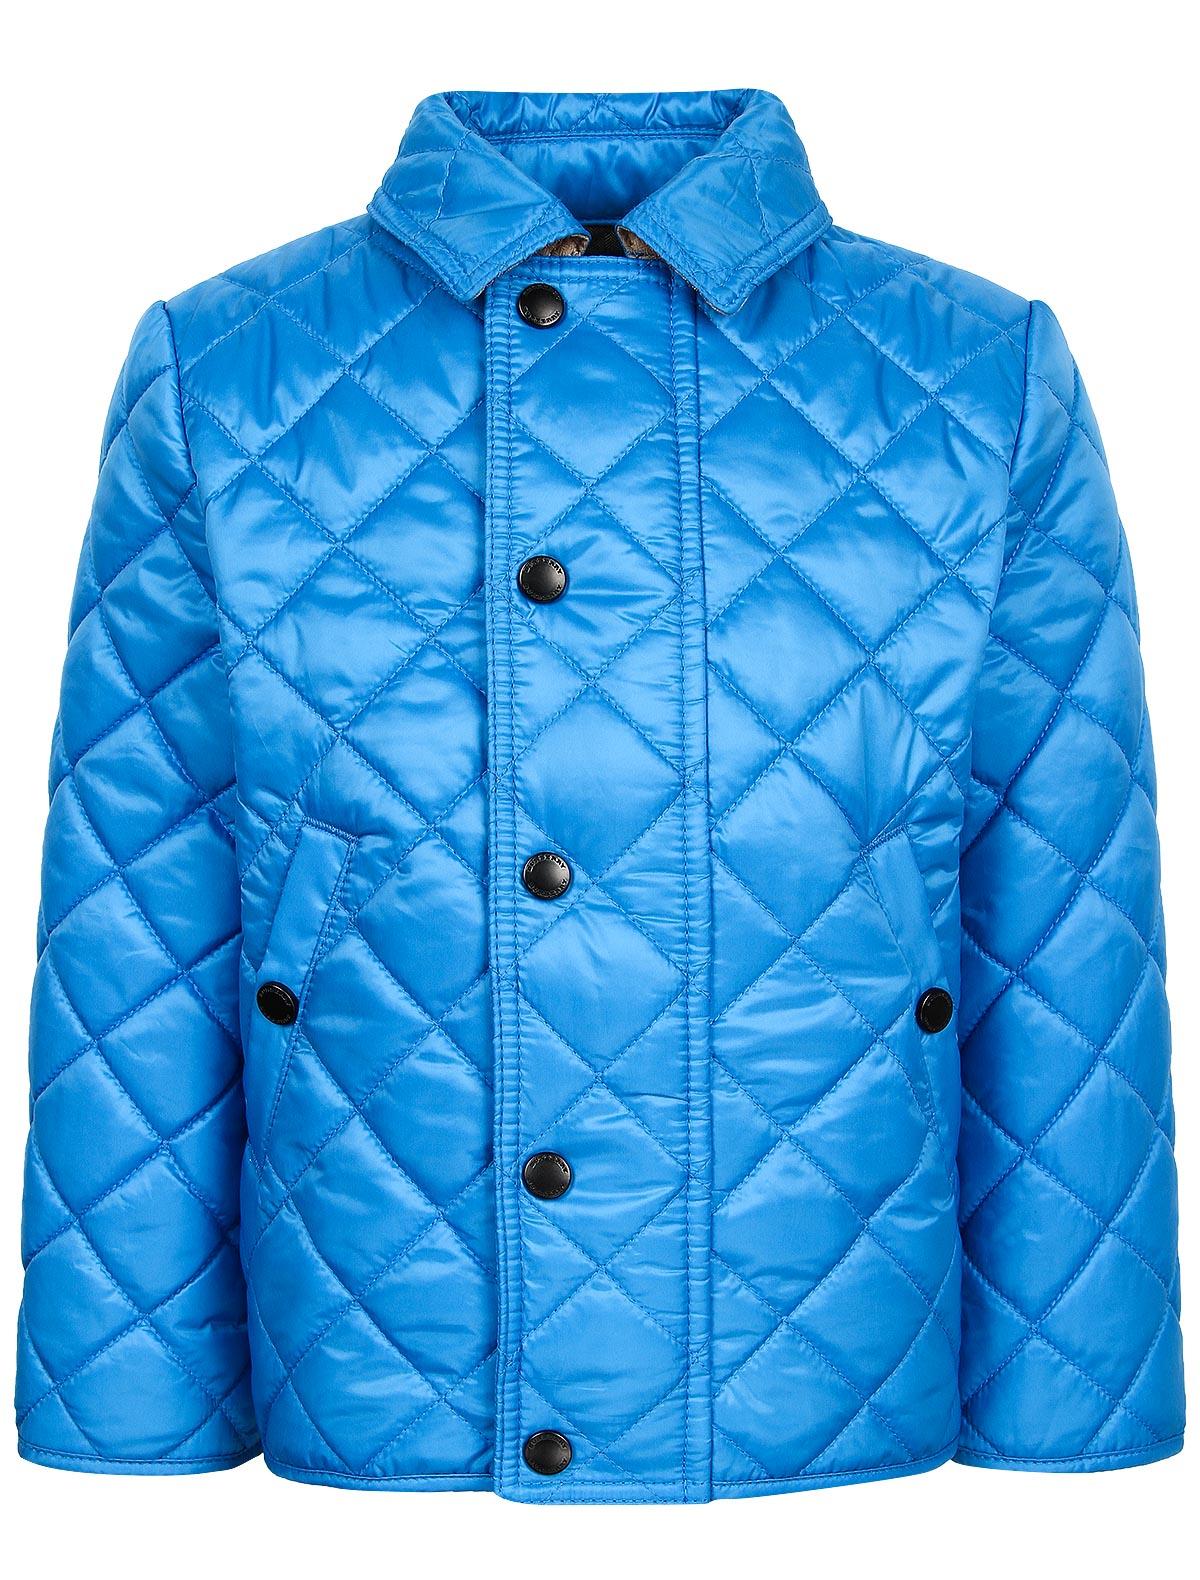 Купить 1873839, Куртка Burberry, синий, Мужской, 1071419870354